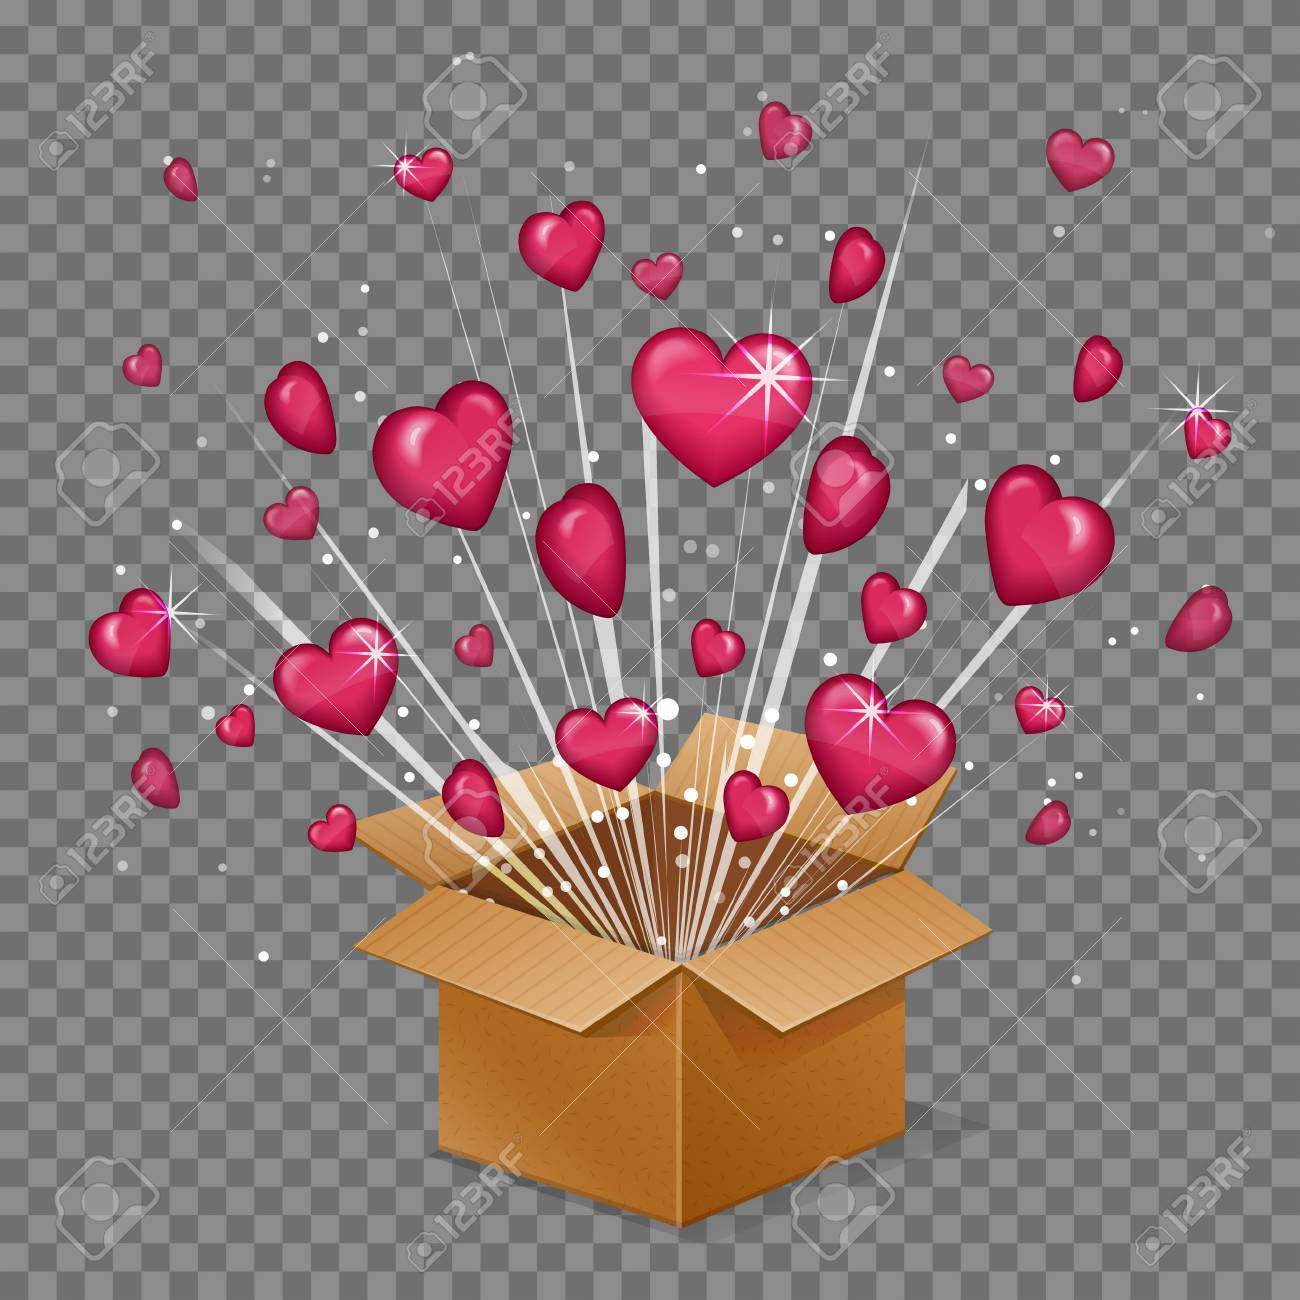 Unboxing Present Gift Surprise Love Box Heart Light Beam Lence